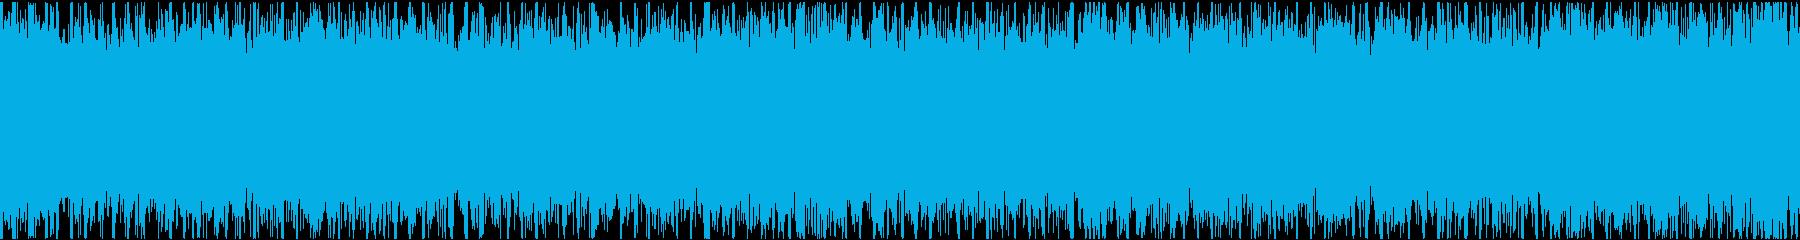 疾走感溢れるロックインストの再生済みの波形